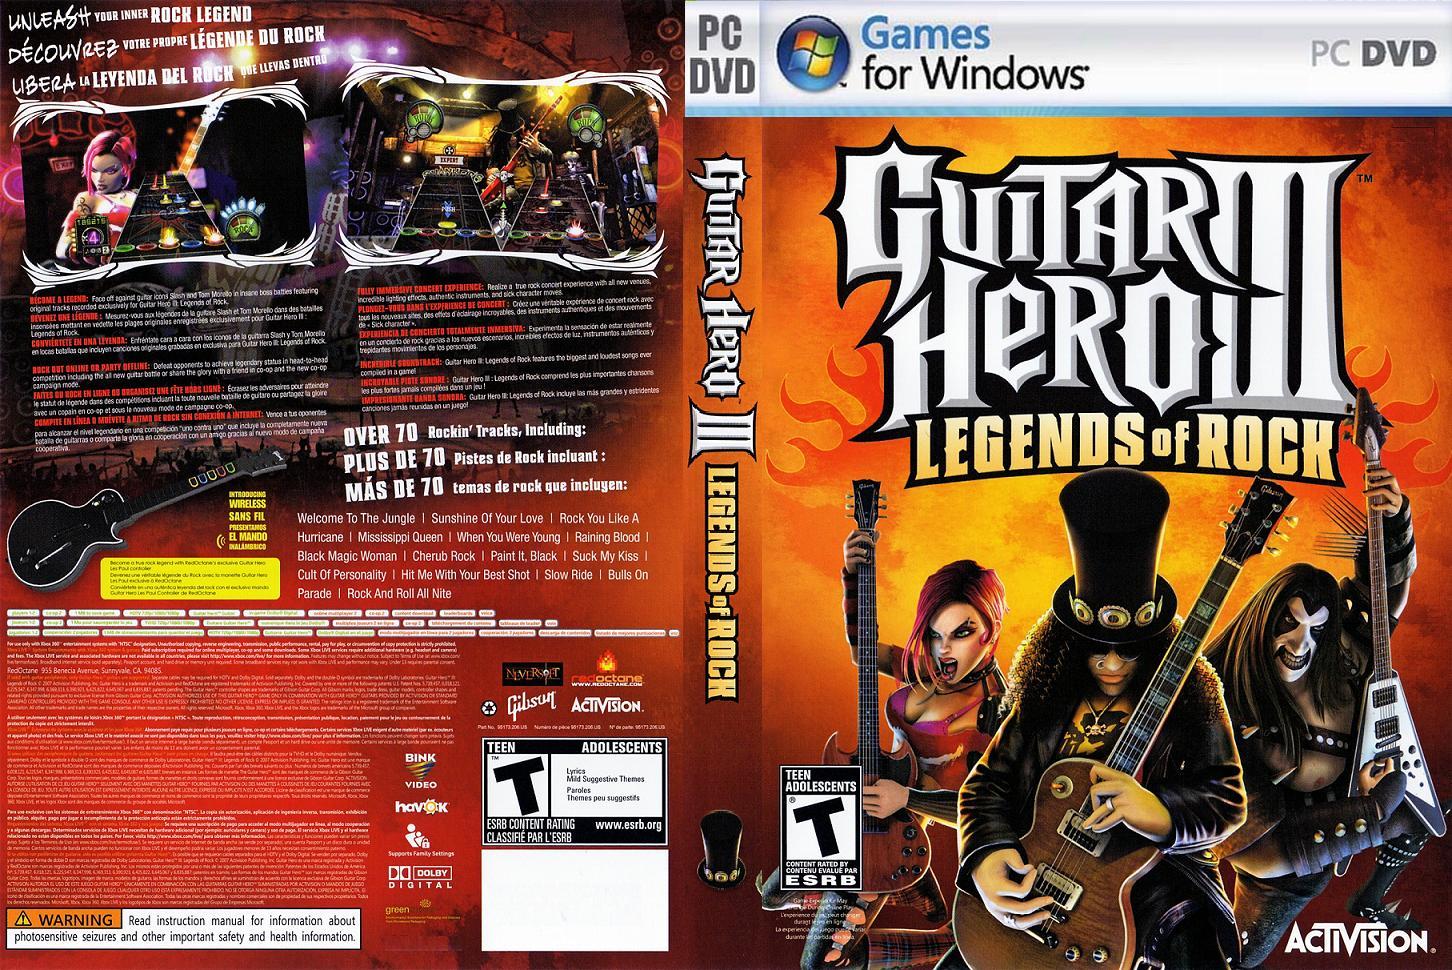 Guitar Hero 3 Para Pc 1 Link En Español [Mi Subida]